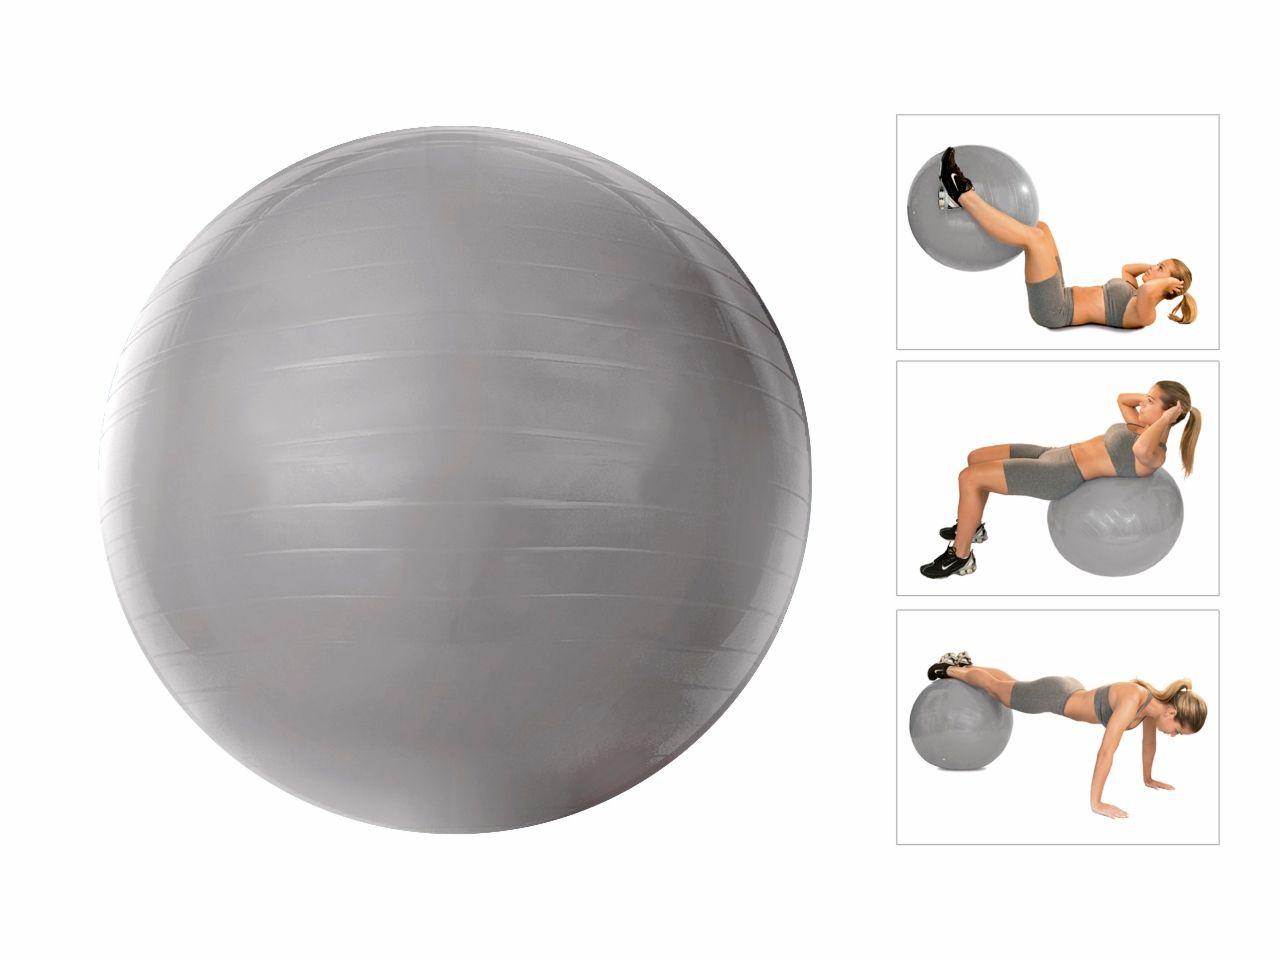 864de6d422 Bola Suiça Para Pilates Com Bomba de Ar - - ISP Saúde.com.br